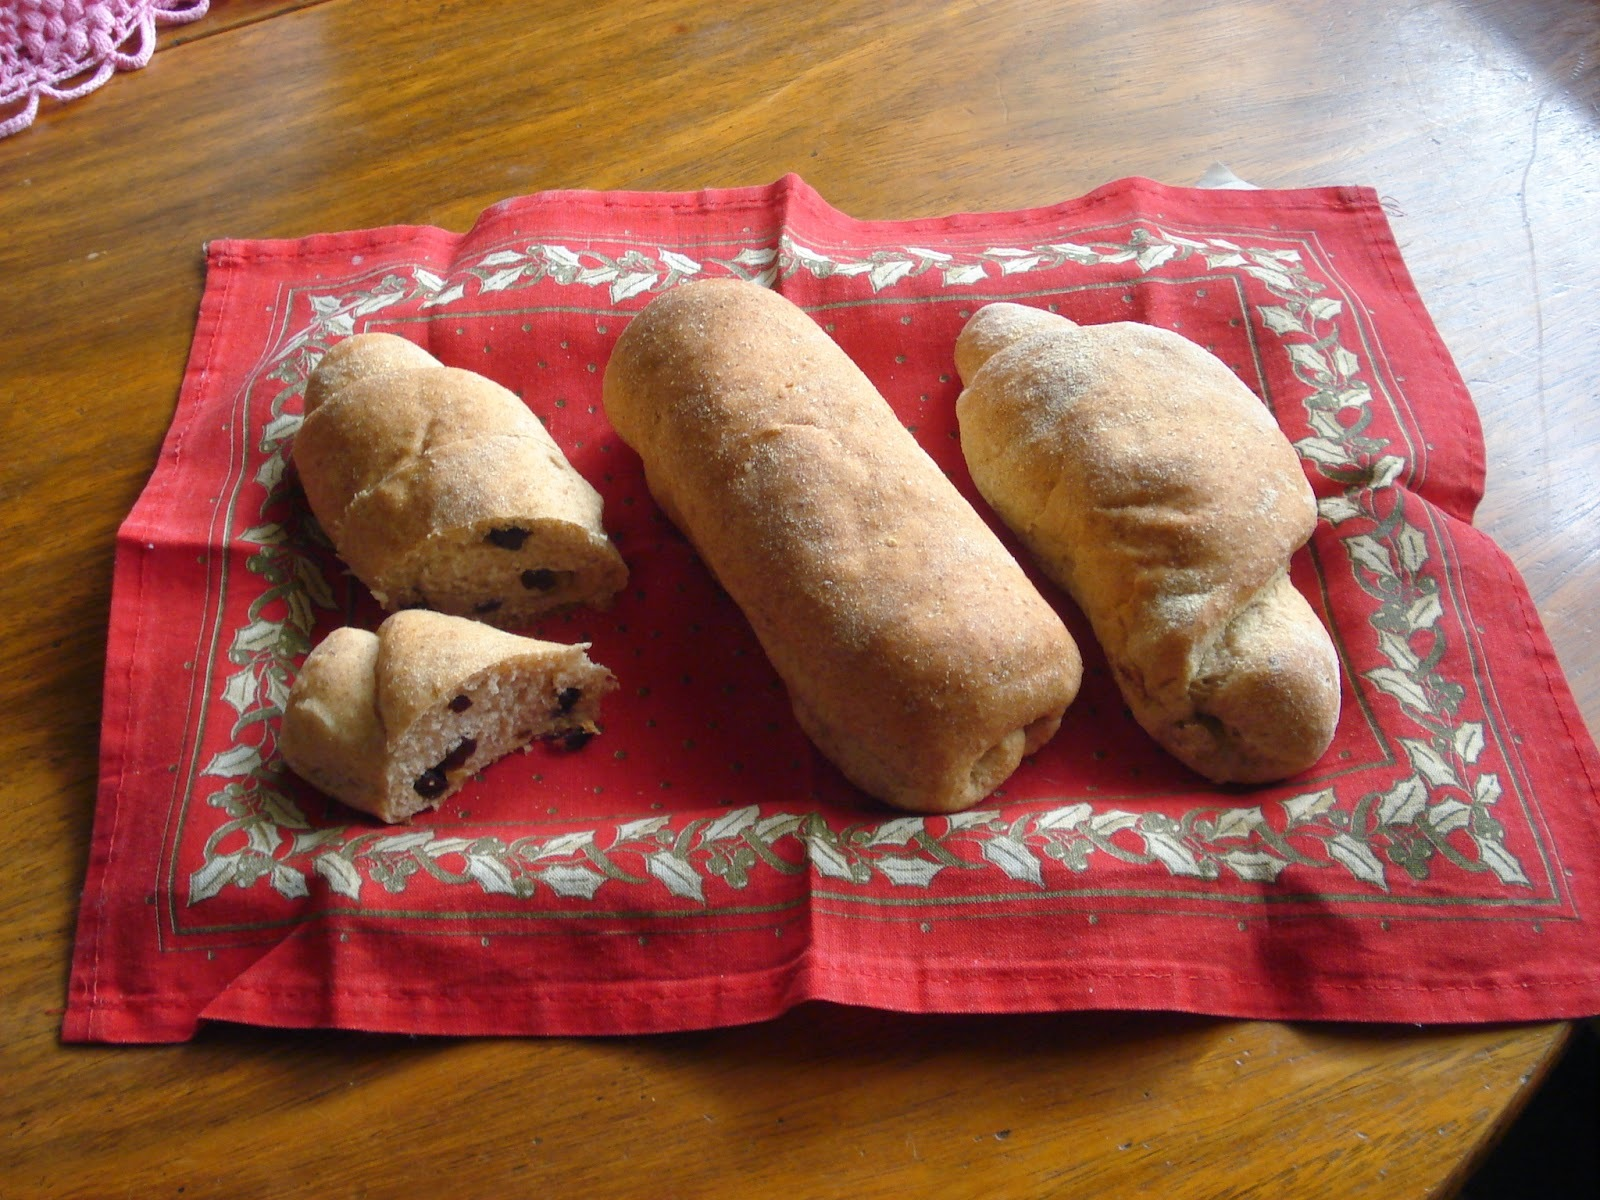 como faço para fazer massa de pão e guardar sem assar